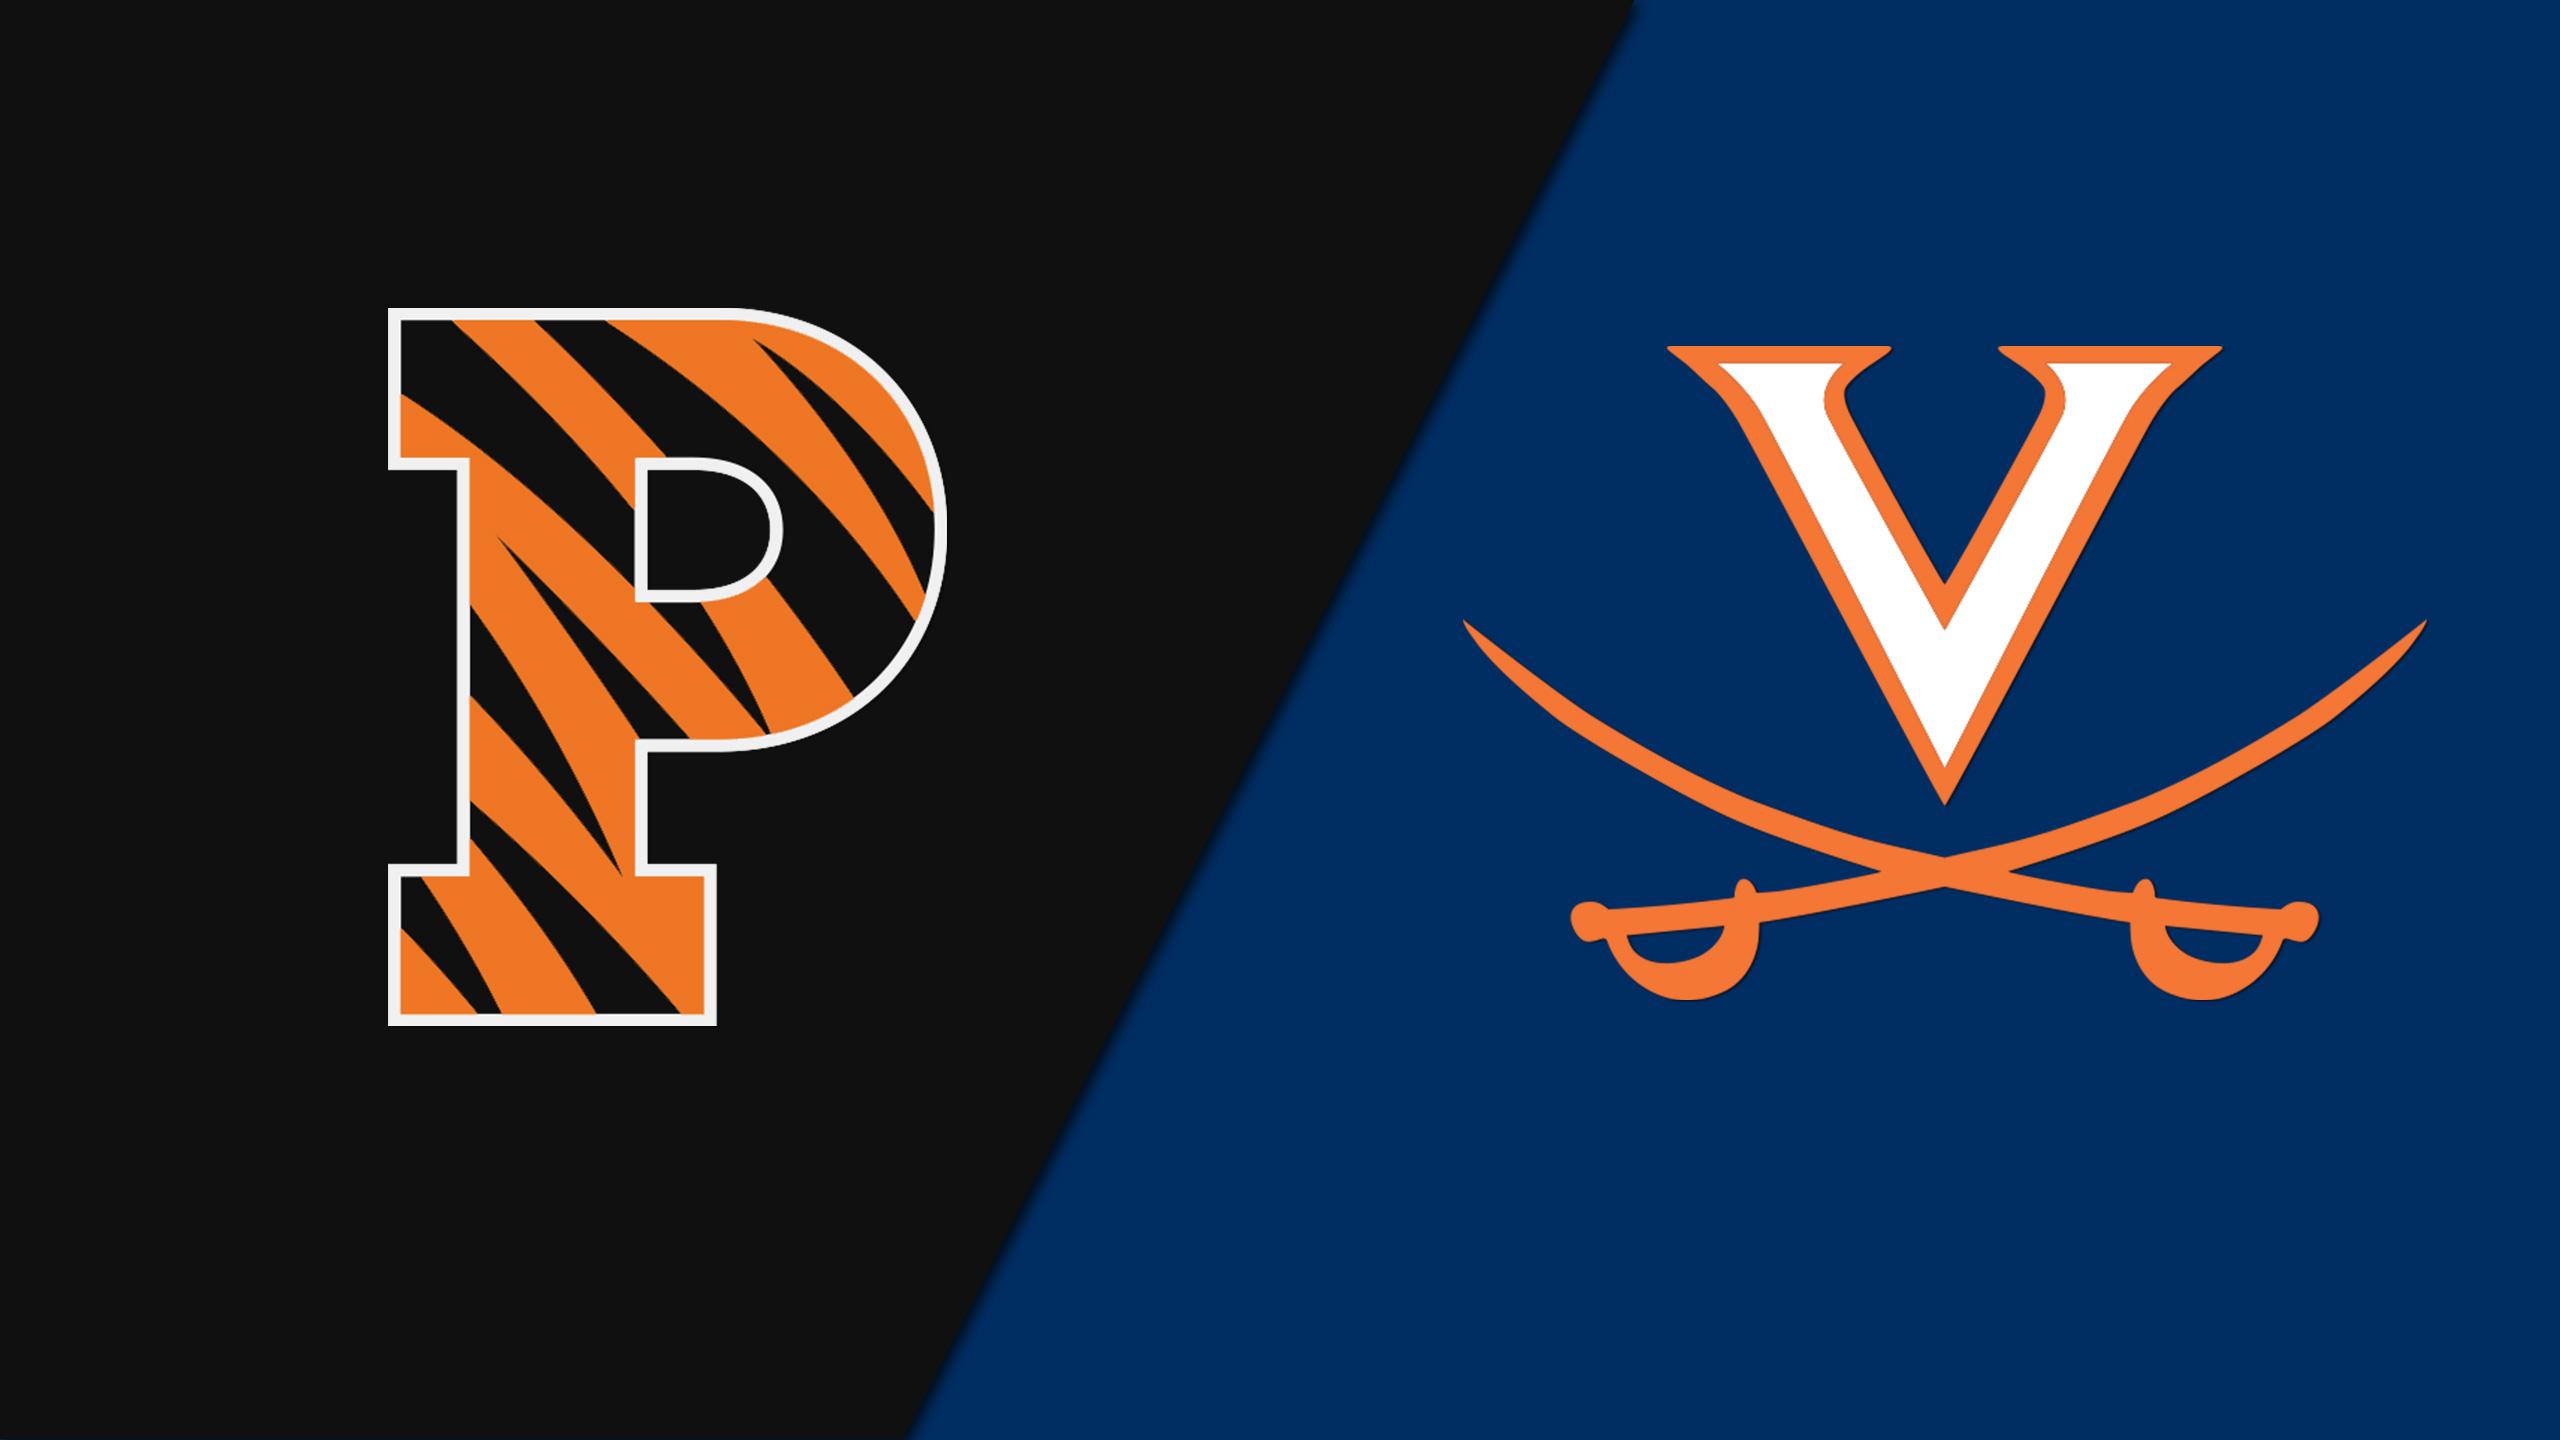 #12 Princeton vs. #20 Virginia (M Lacrosse)